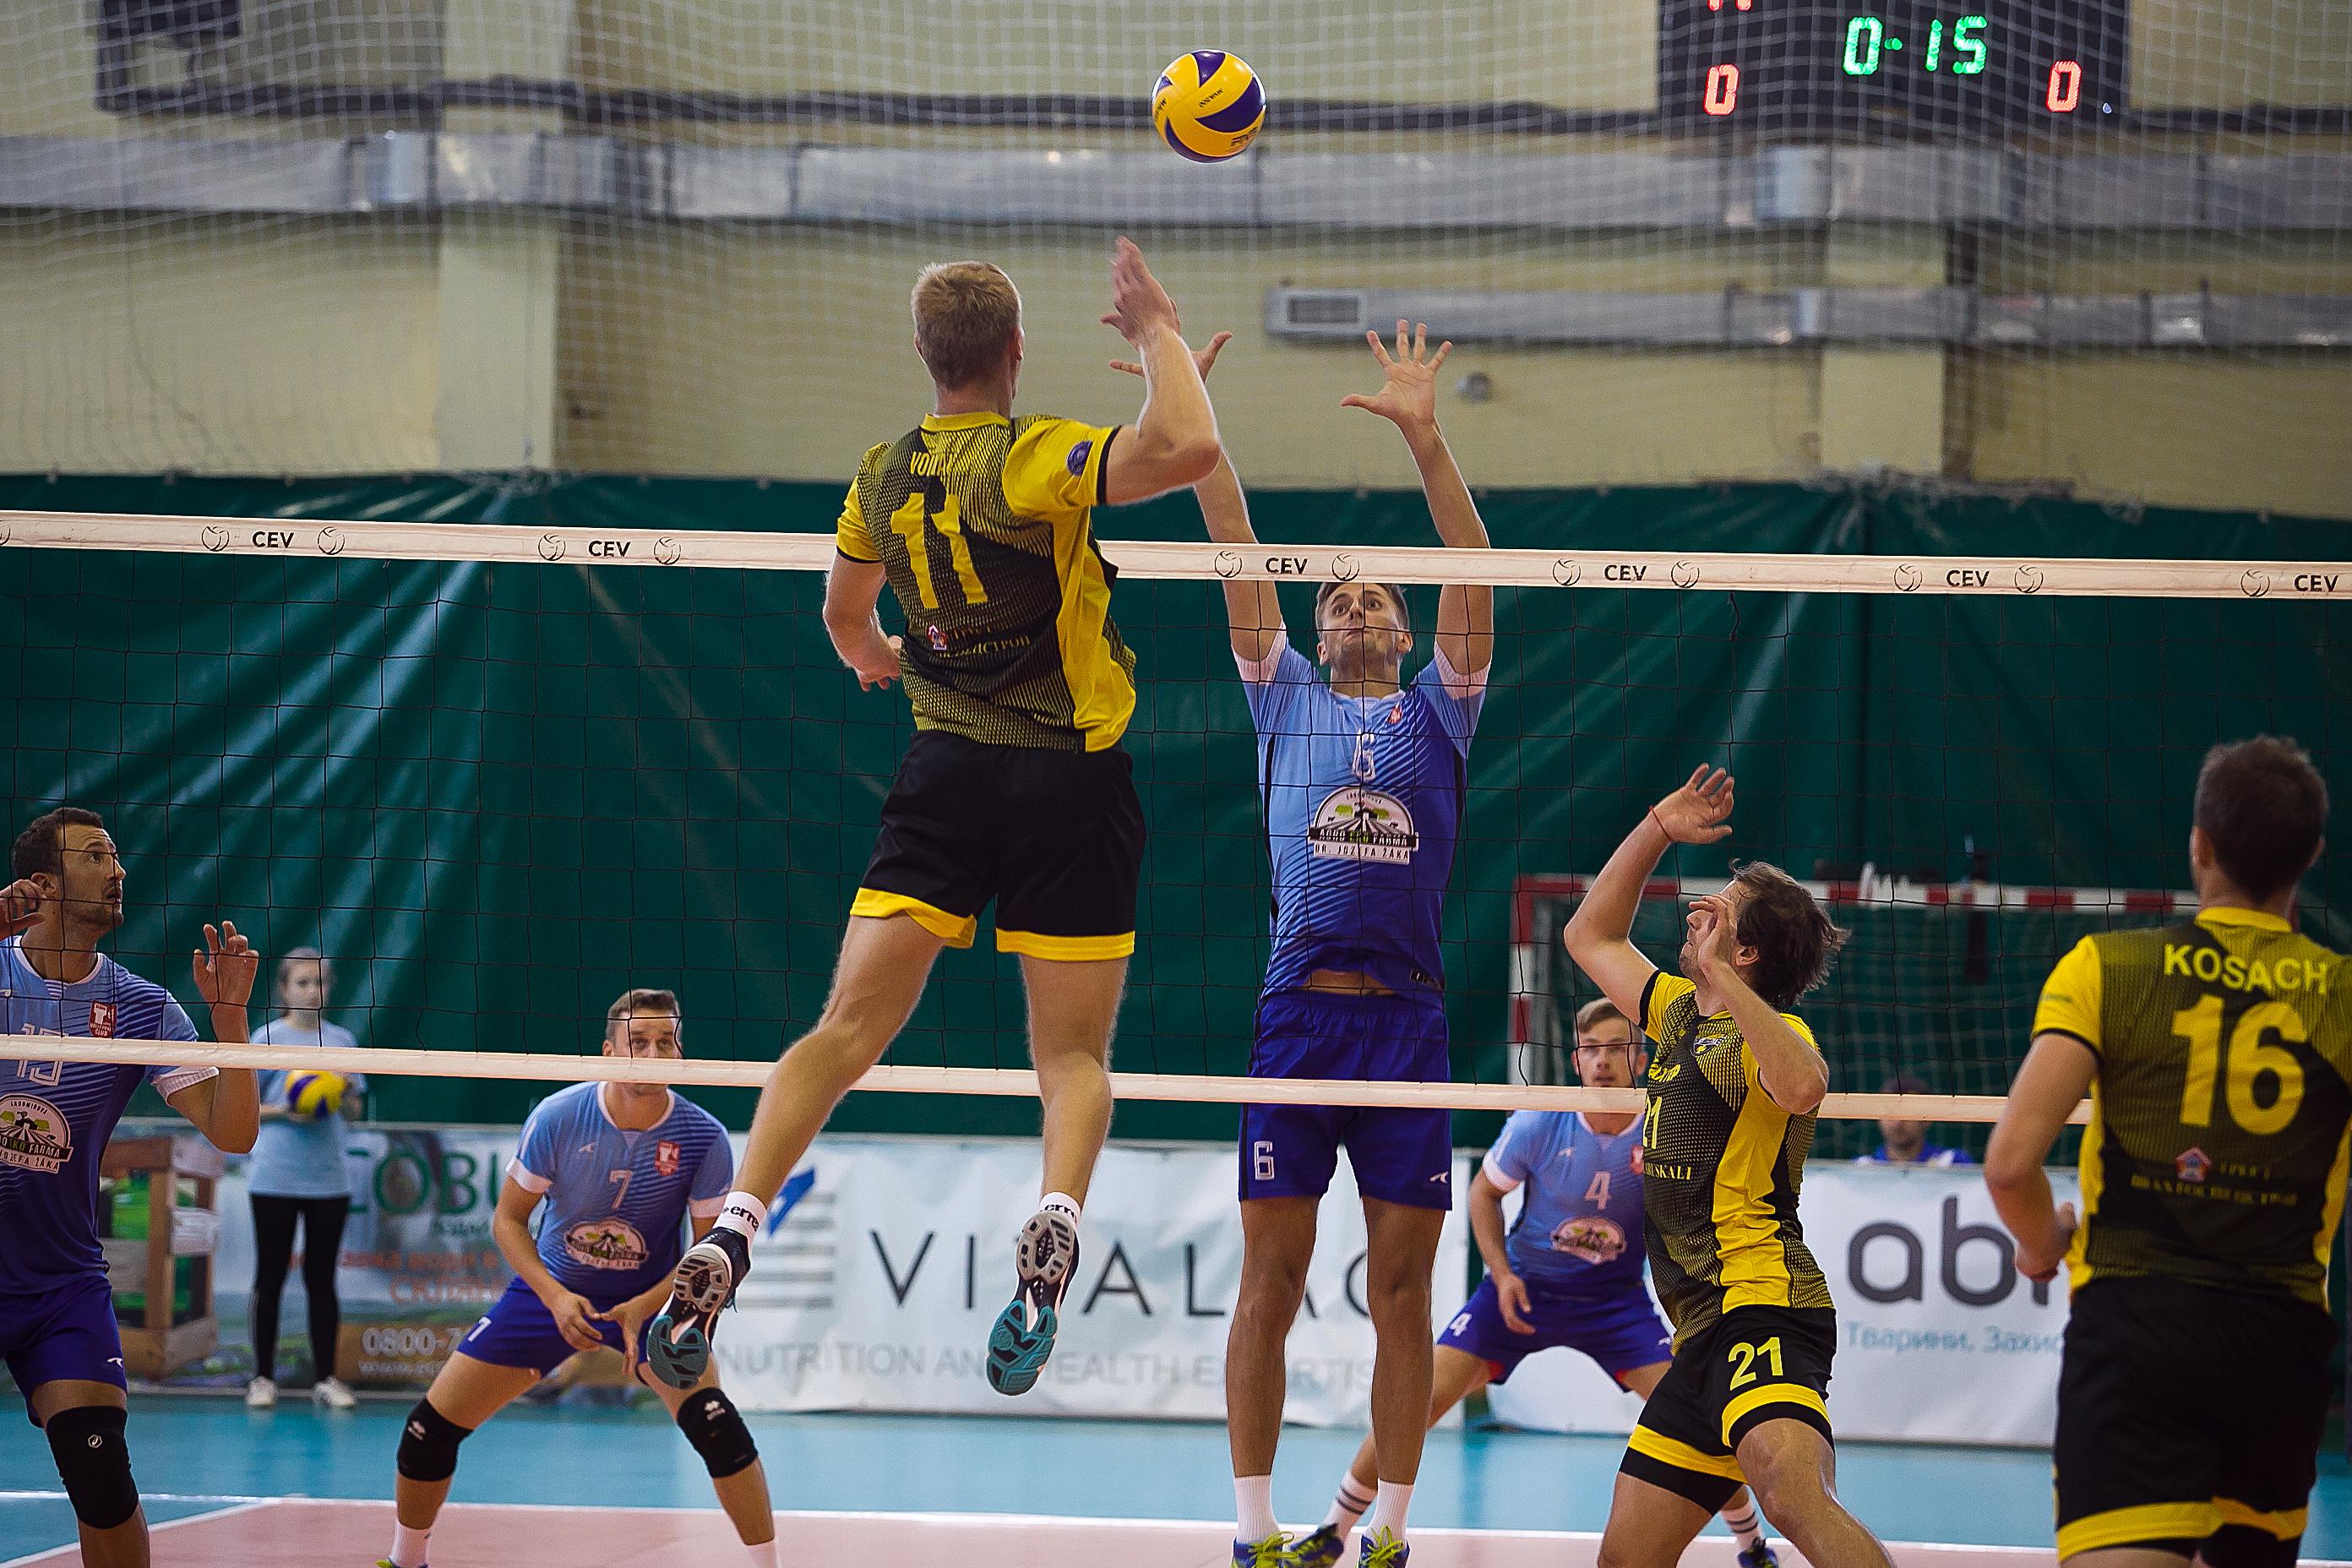 Відкритий Кубок Львова з волейболу 2018. ФОТОЗВІТ - 26